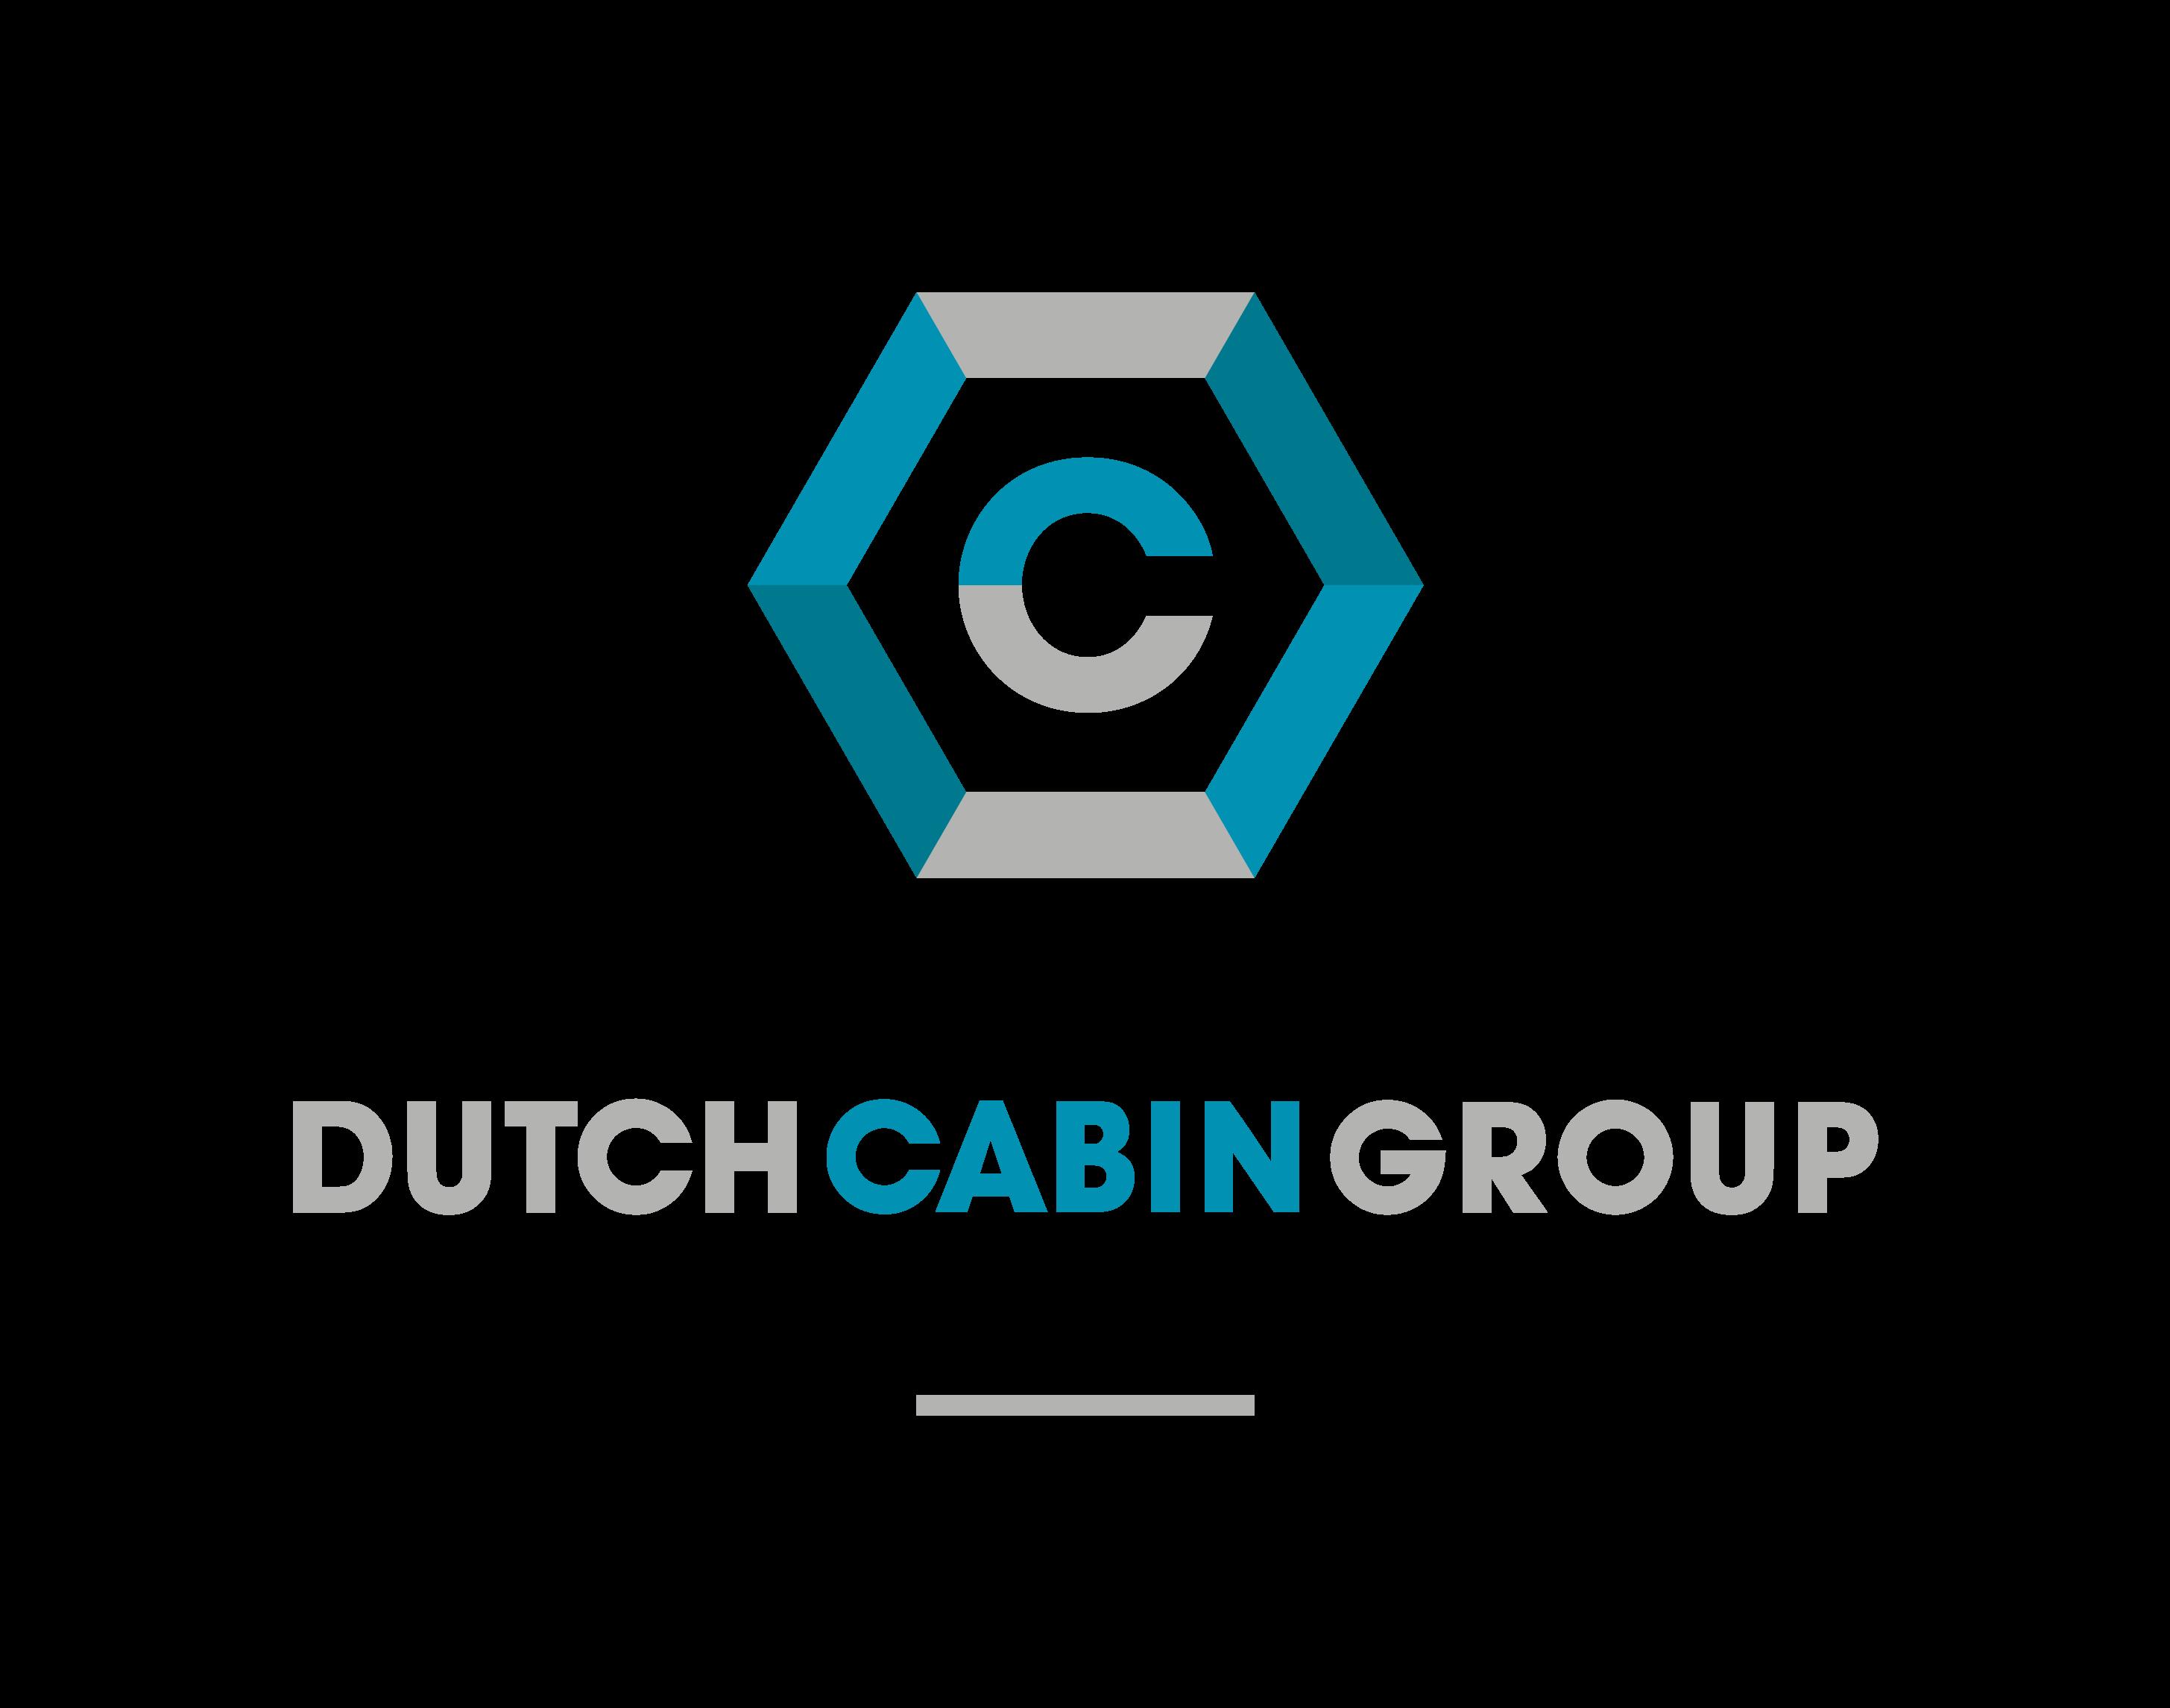 Dutch Cabin Group